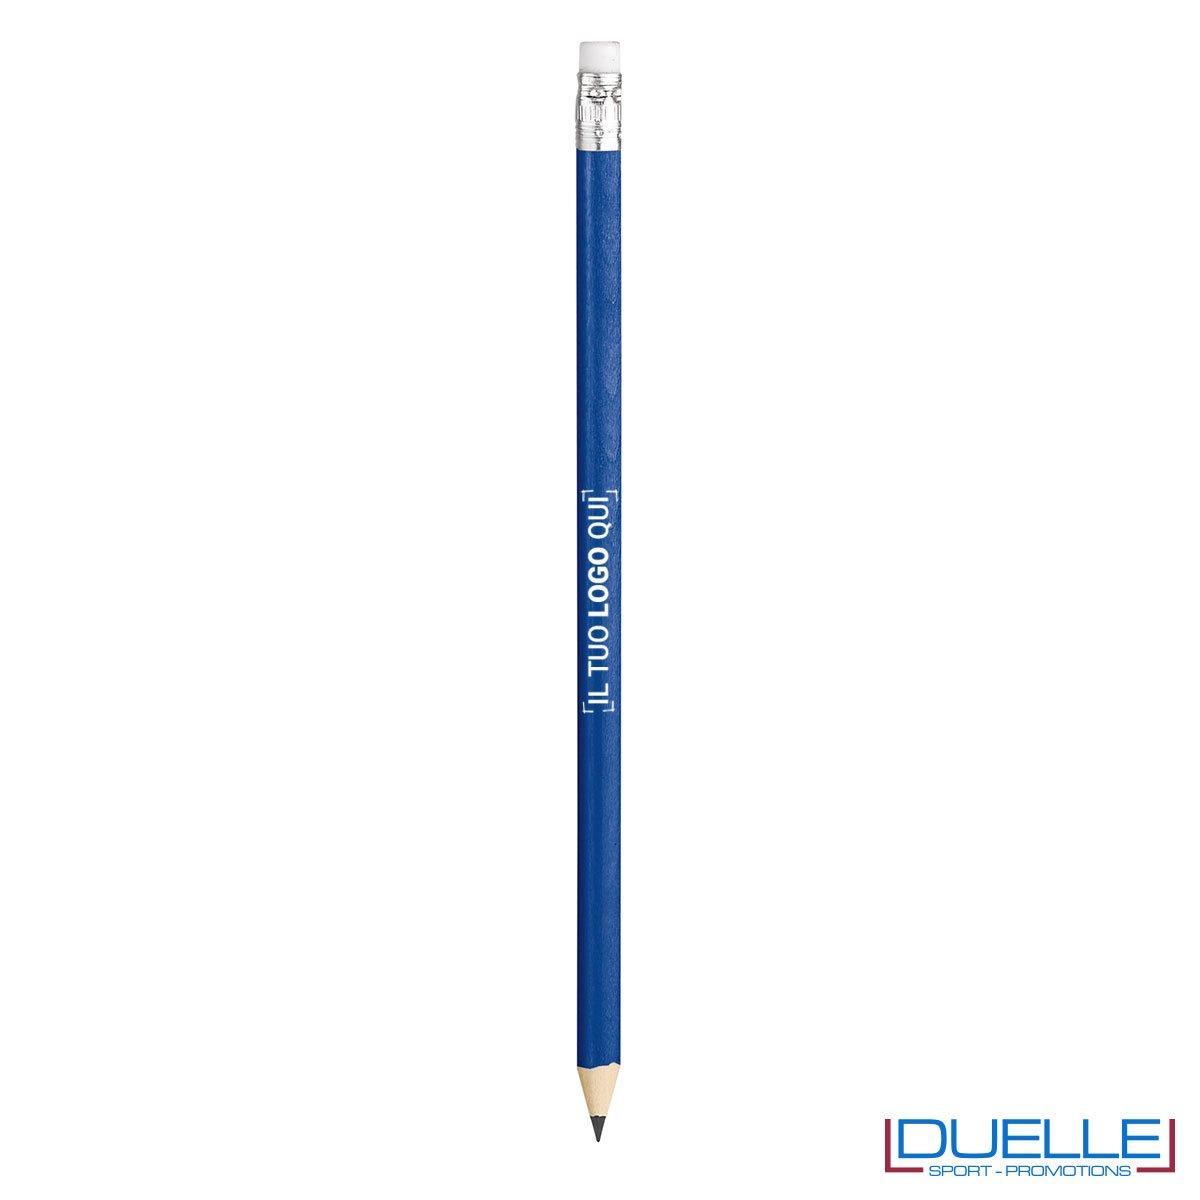 matita personalizzabile legno 100% naturale blu con gomma incorporata, gadget da scrivania